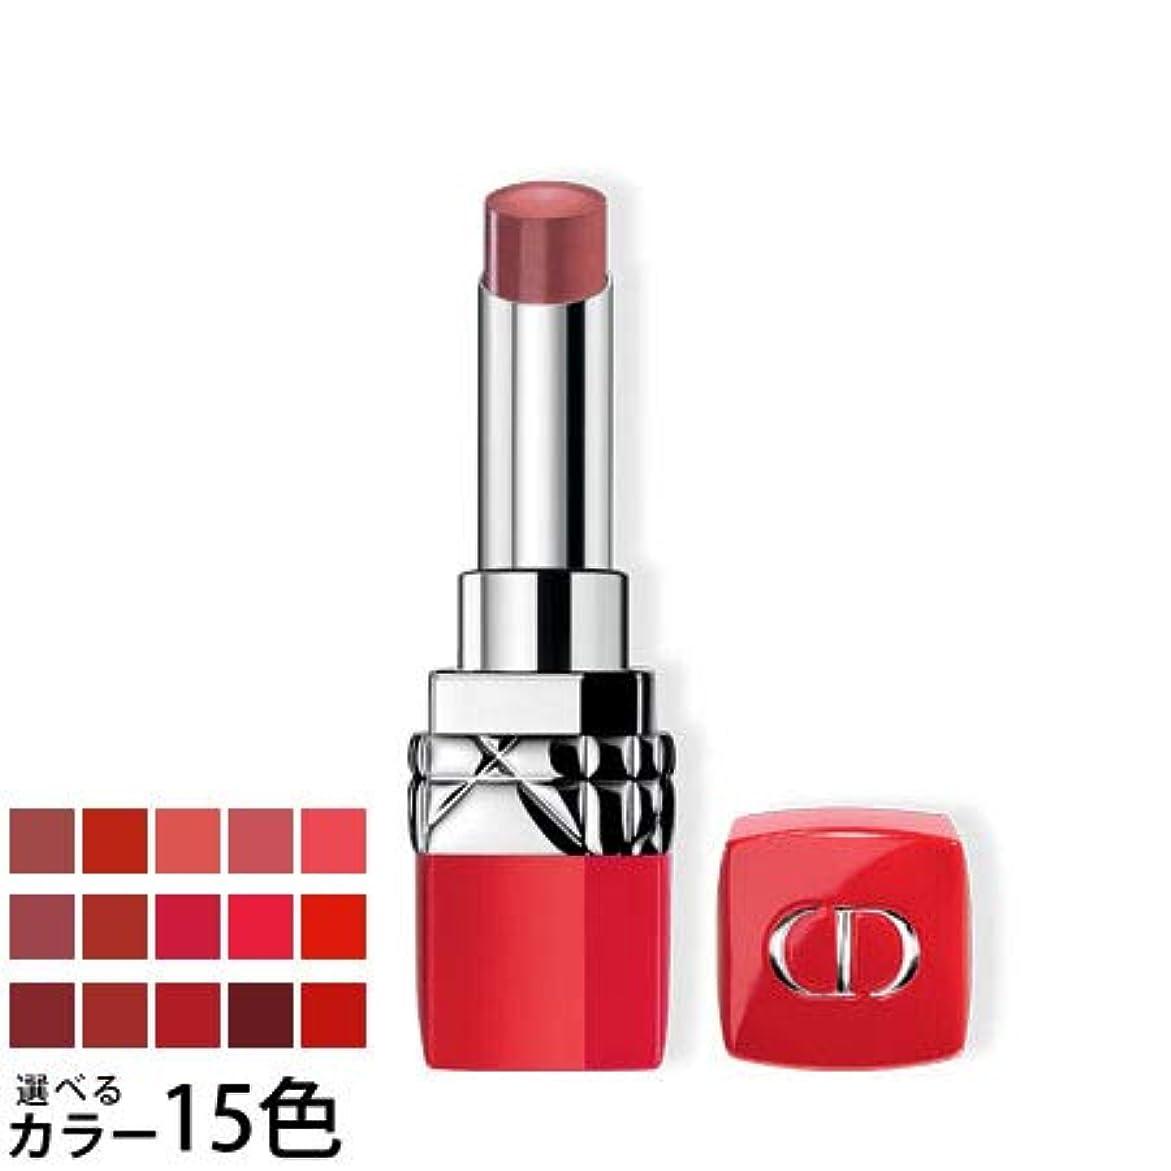 に賛成狂気ルーディオール ルージュ ディオール ウルトラ ルージュ 選べる15色 -Dior- 851